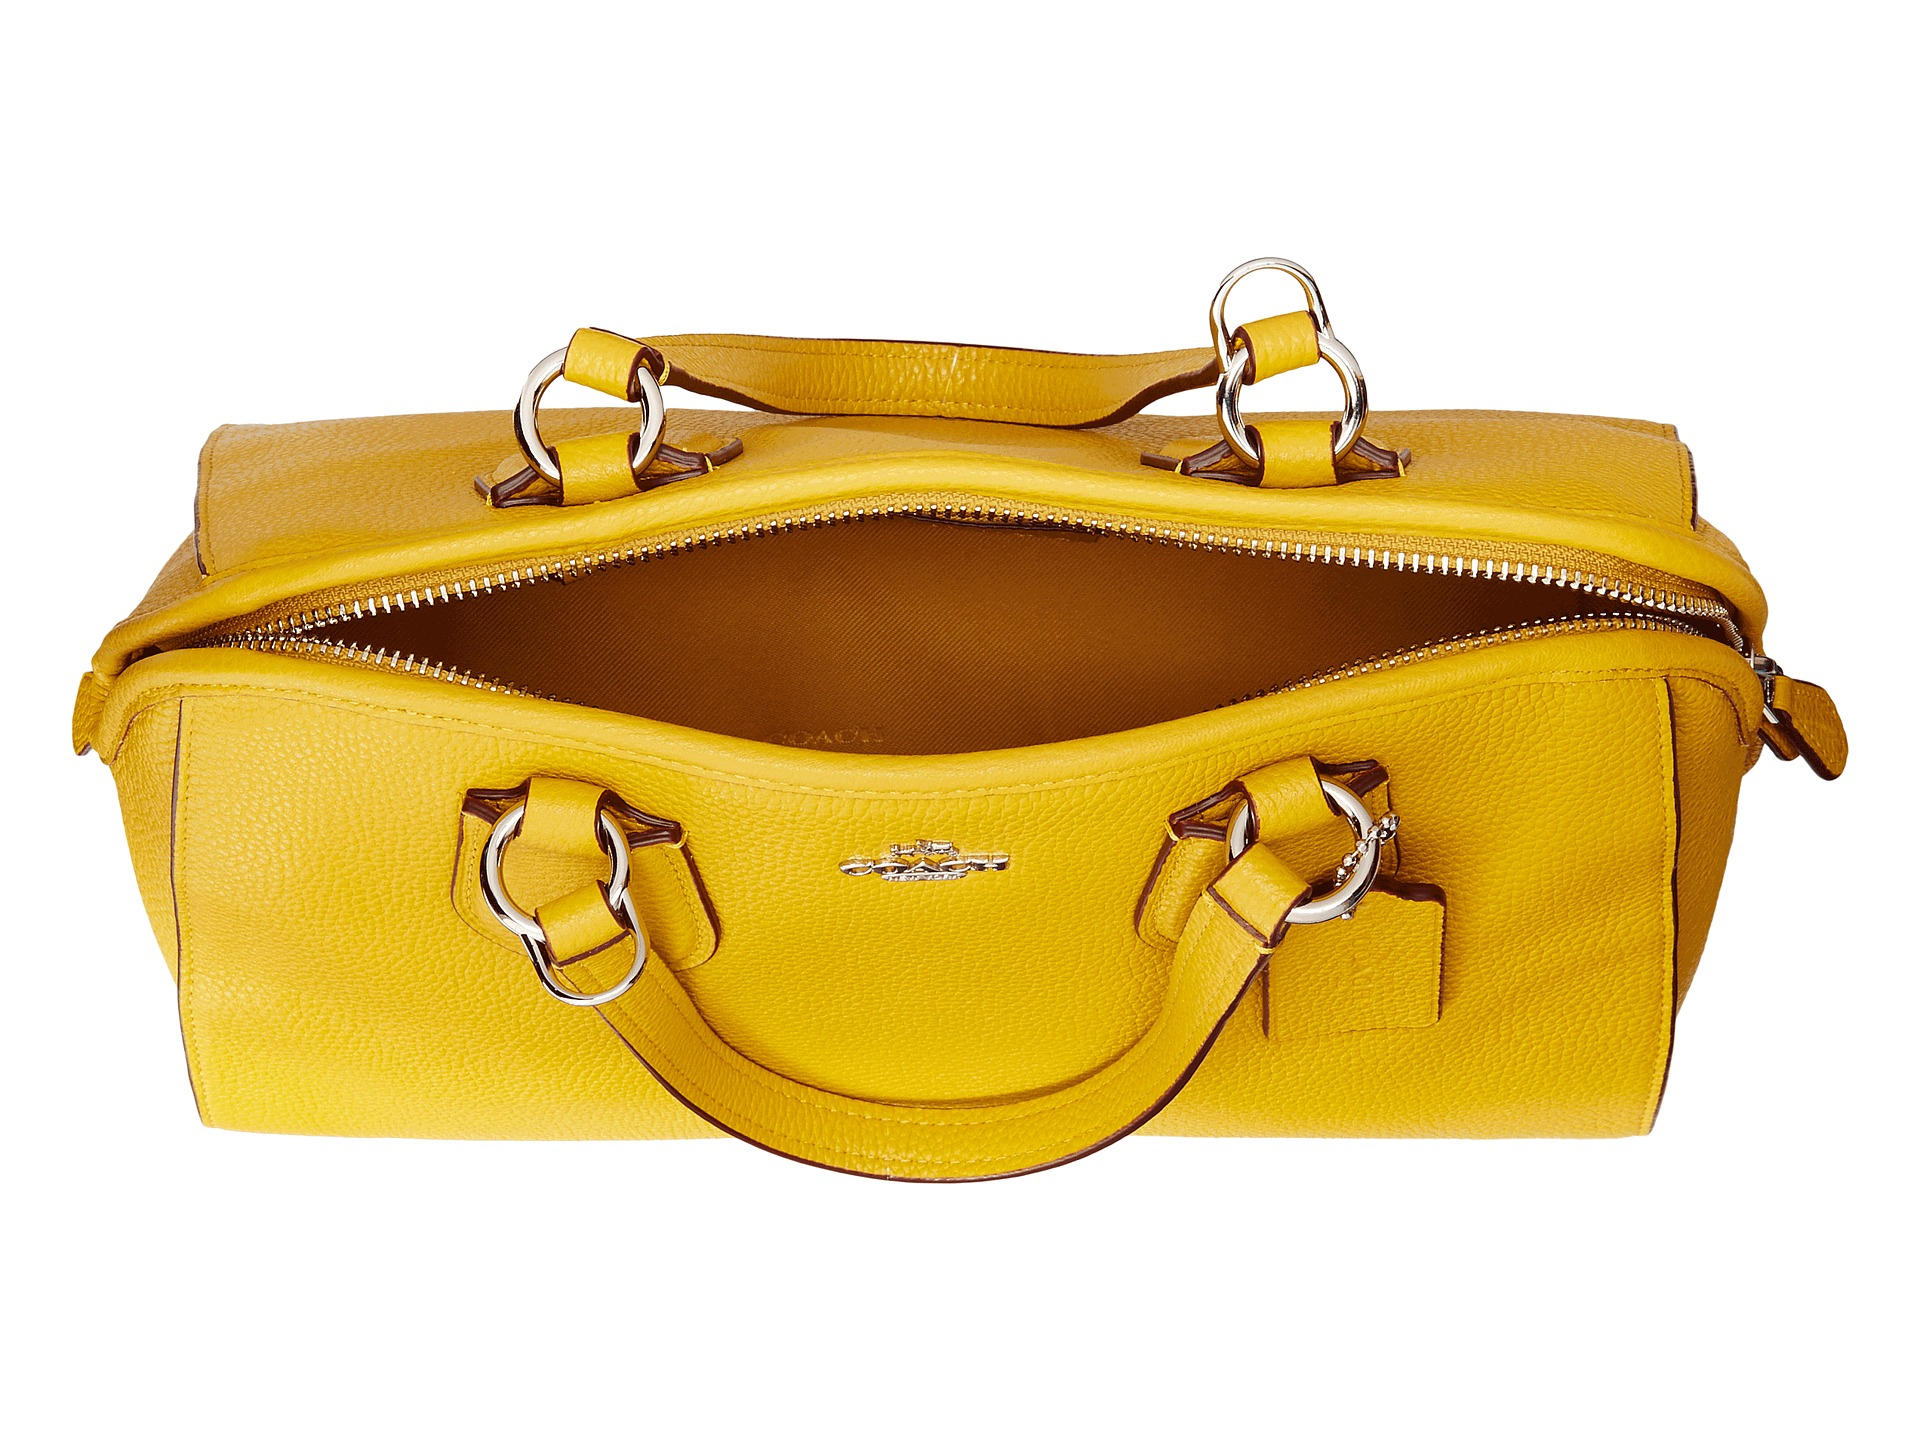 92d7bdf81e Lyst - COACH Pebbled Nolita Satchel in Yellow